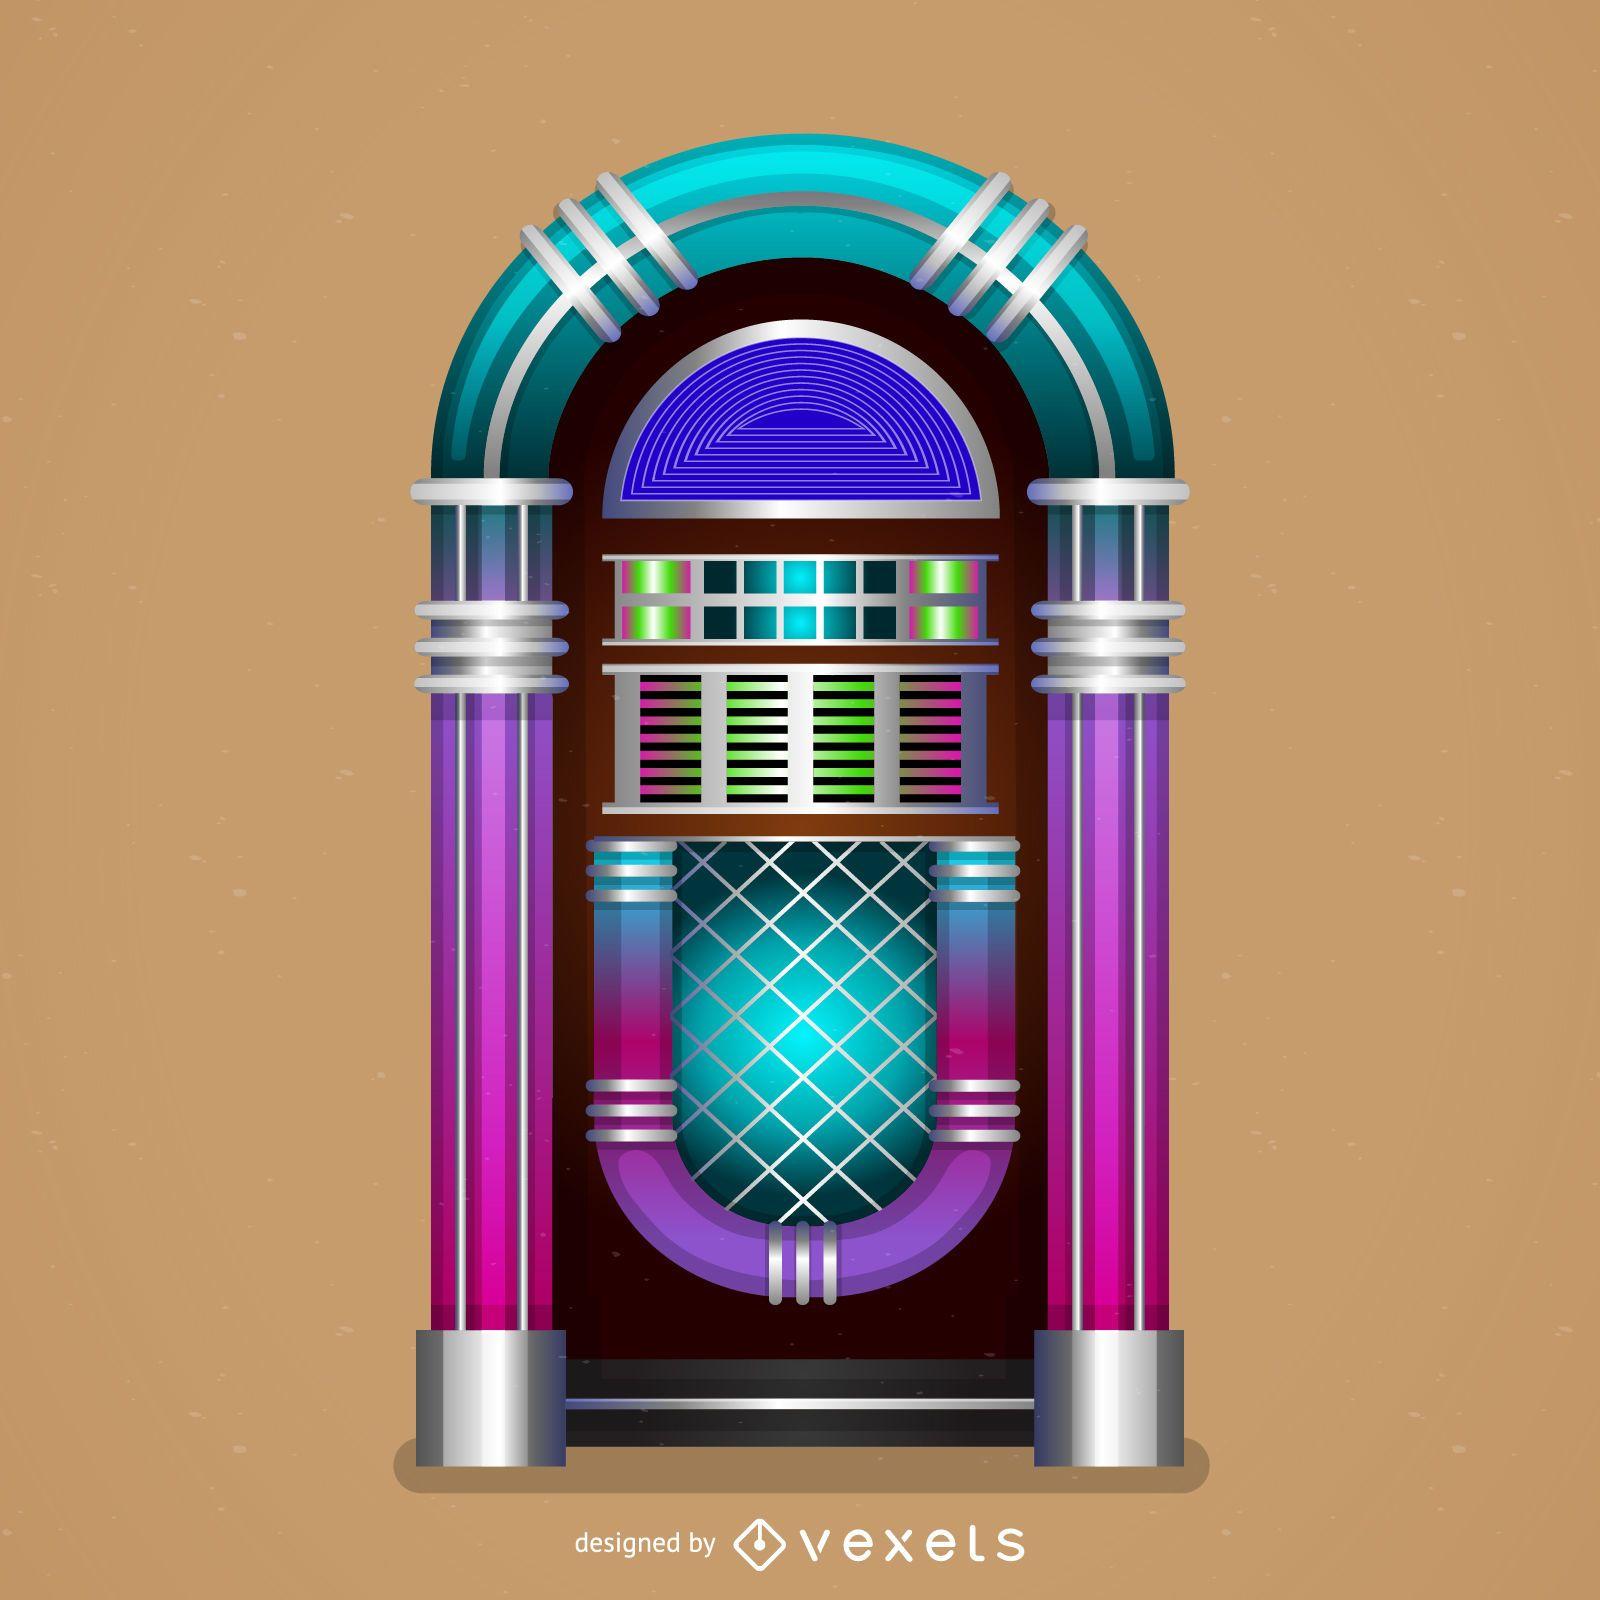 Funky jukebox illustration